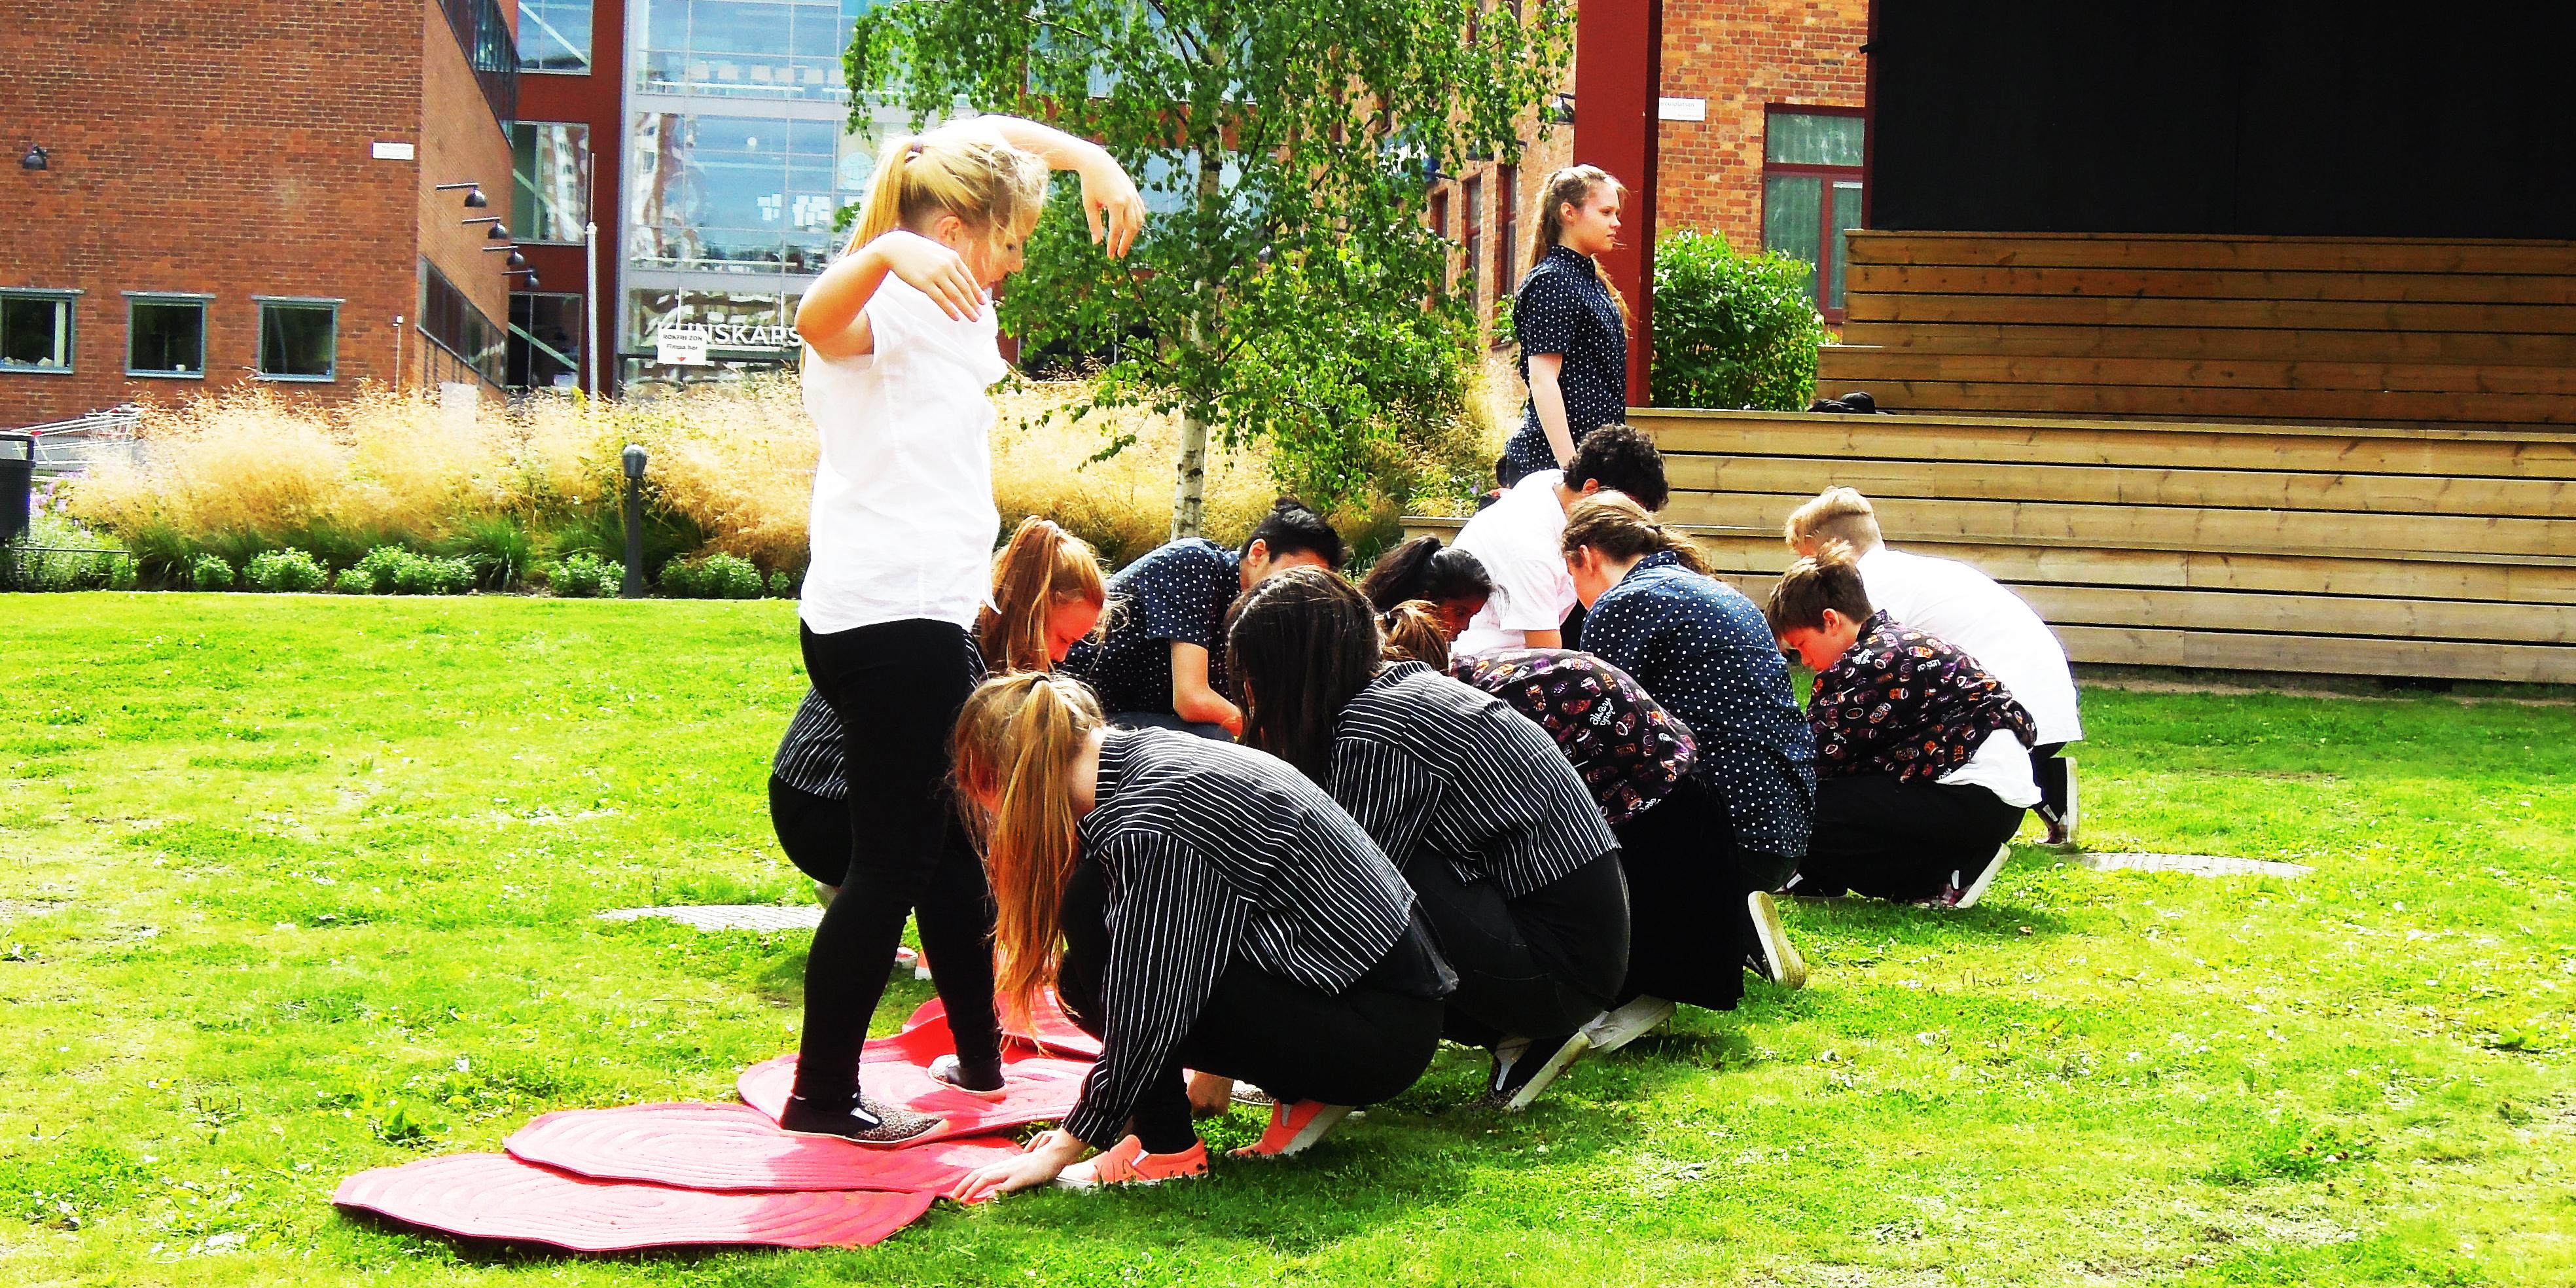 Ungdomar som dansar på en gräsmatta.